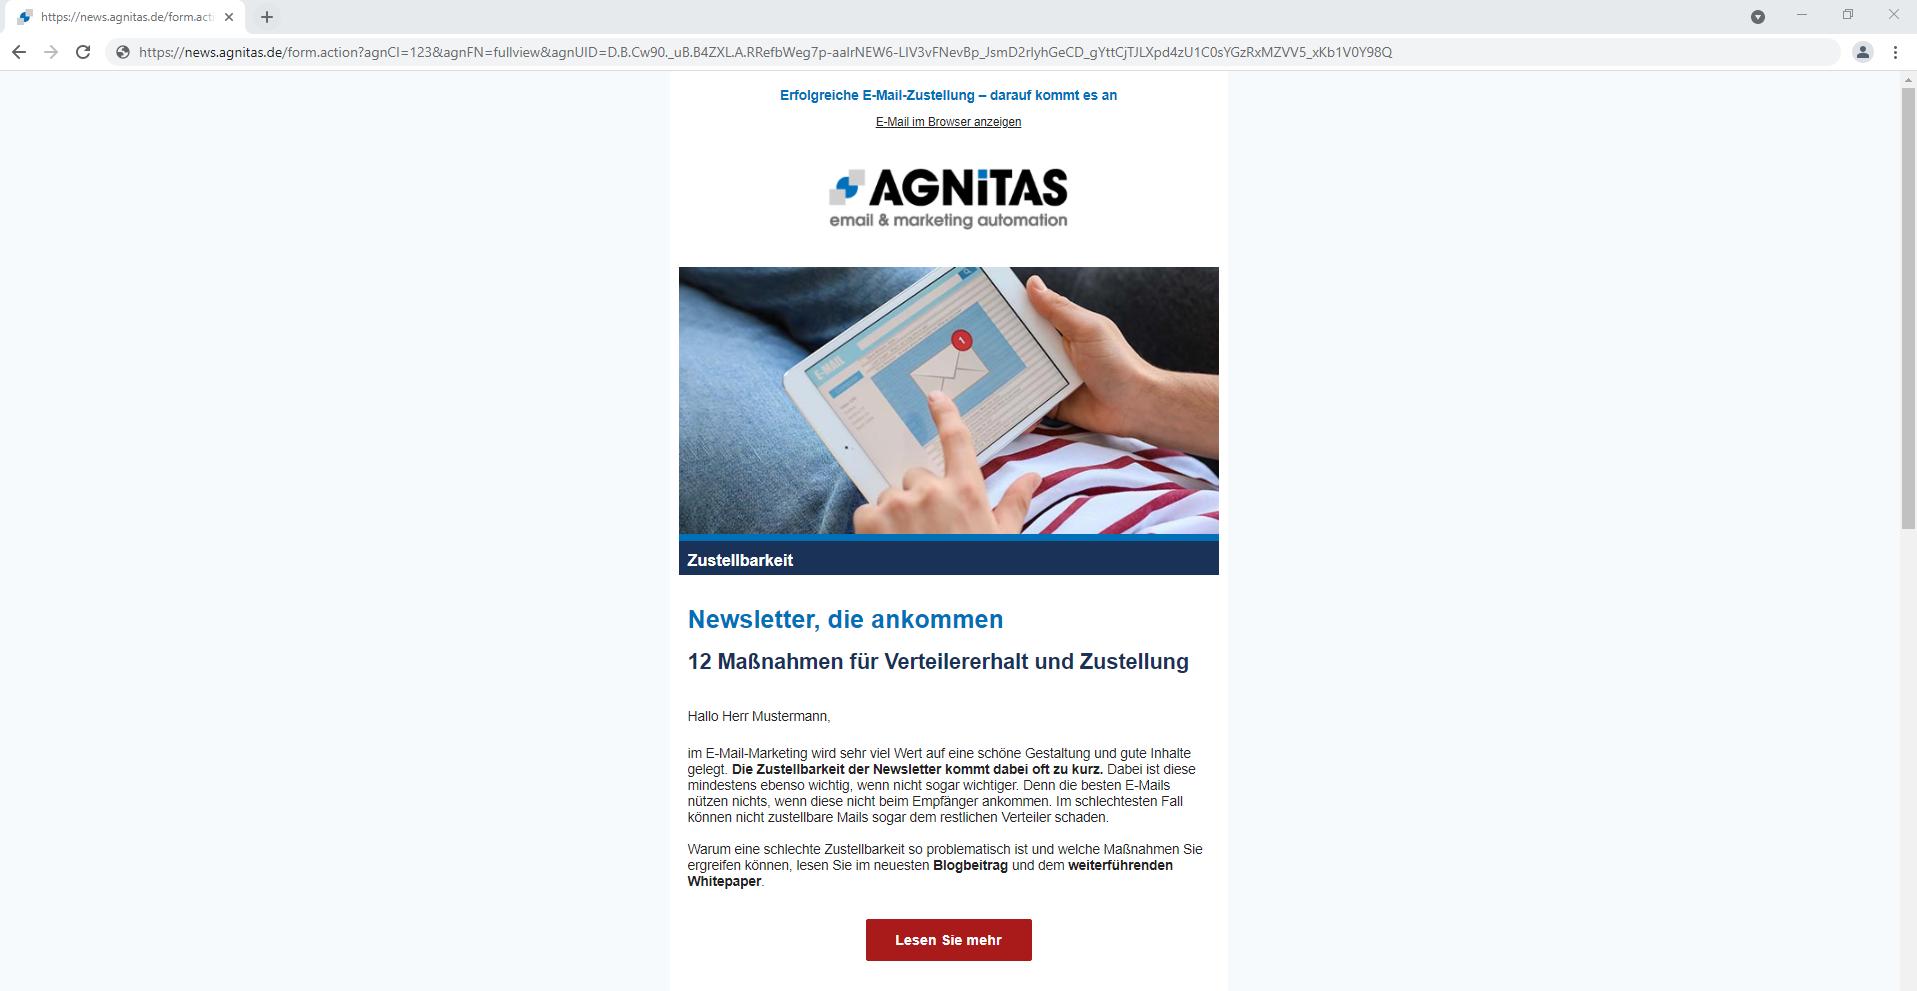 Webview Beispiel: Newsletter wird im Browser geöffnet